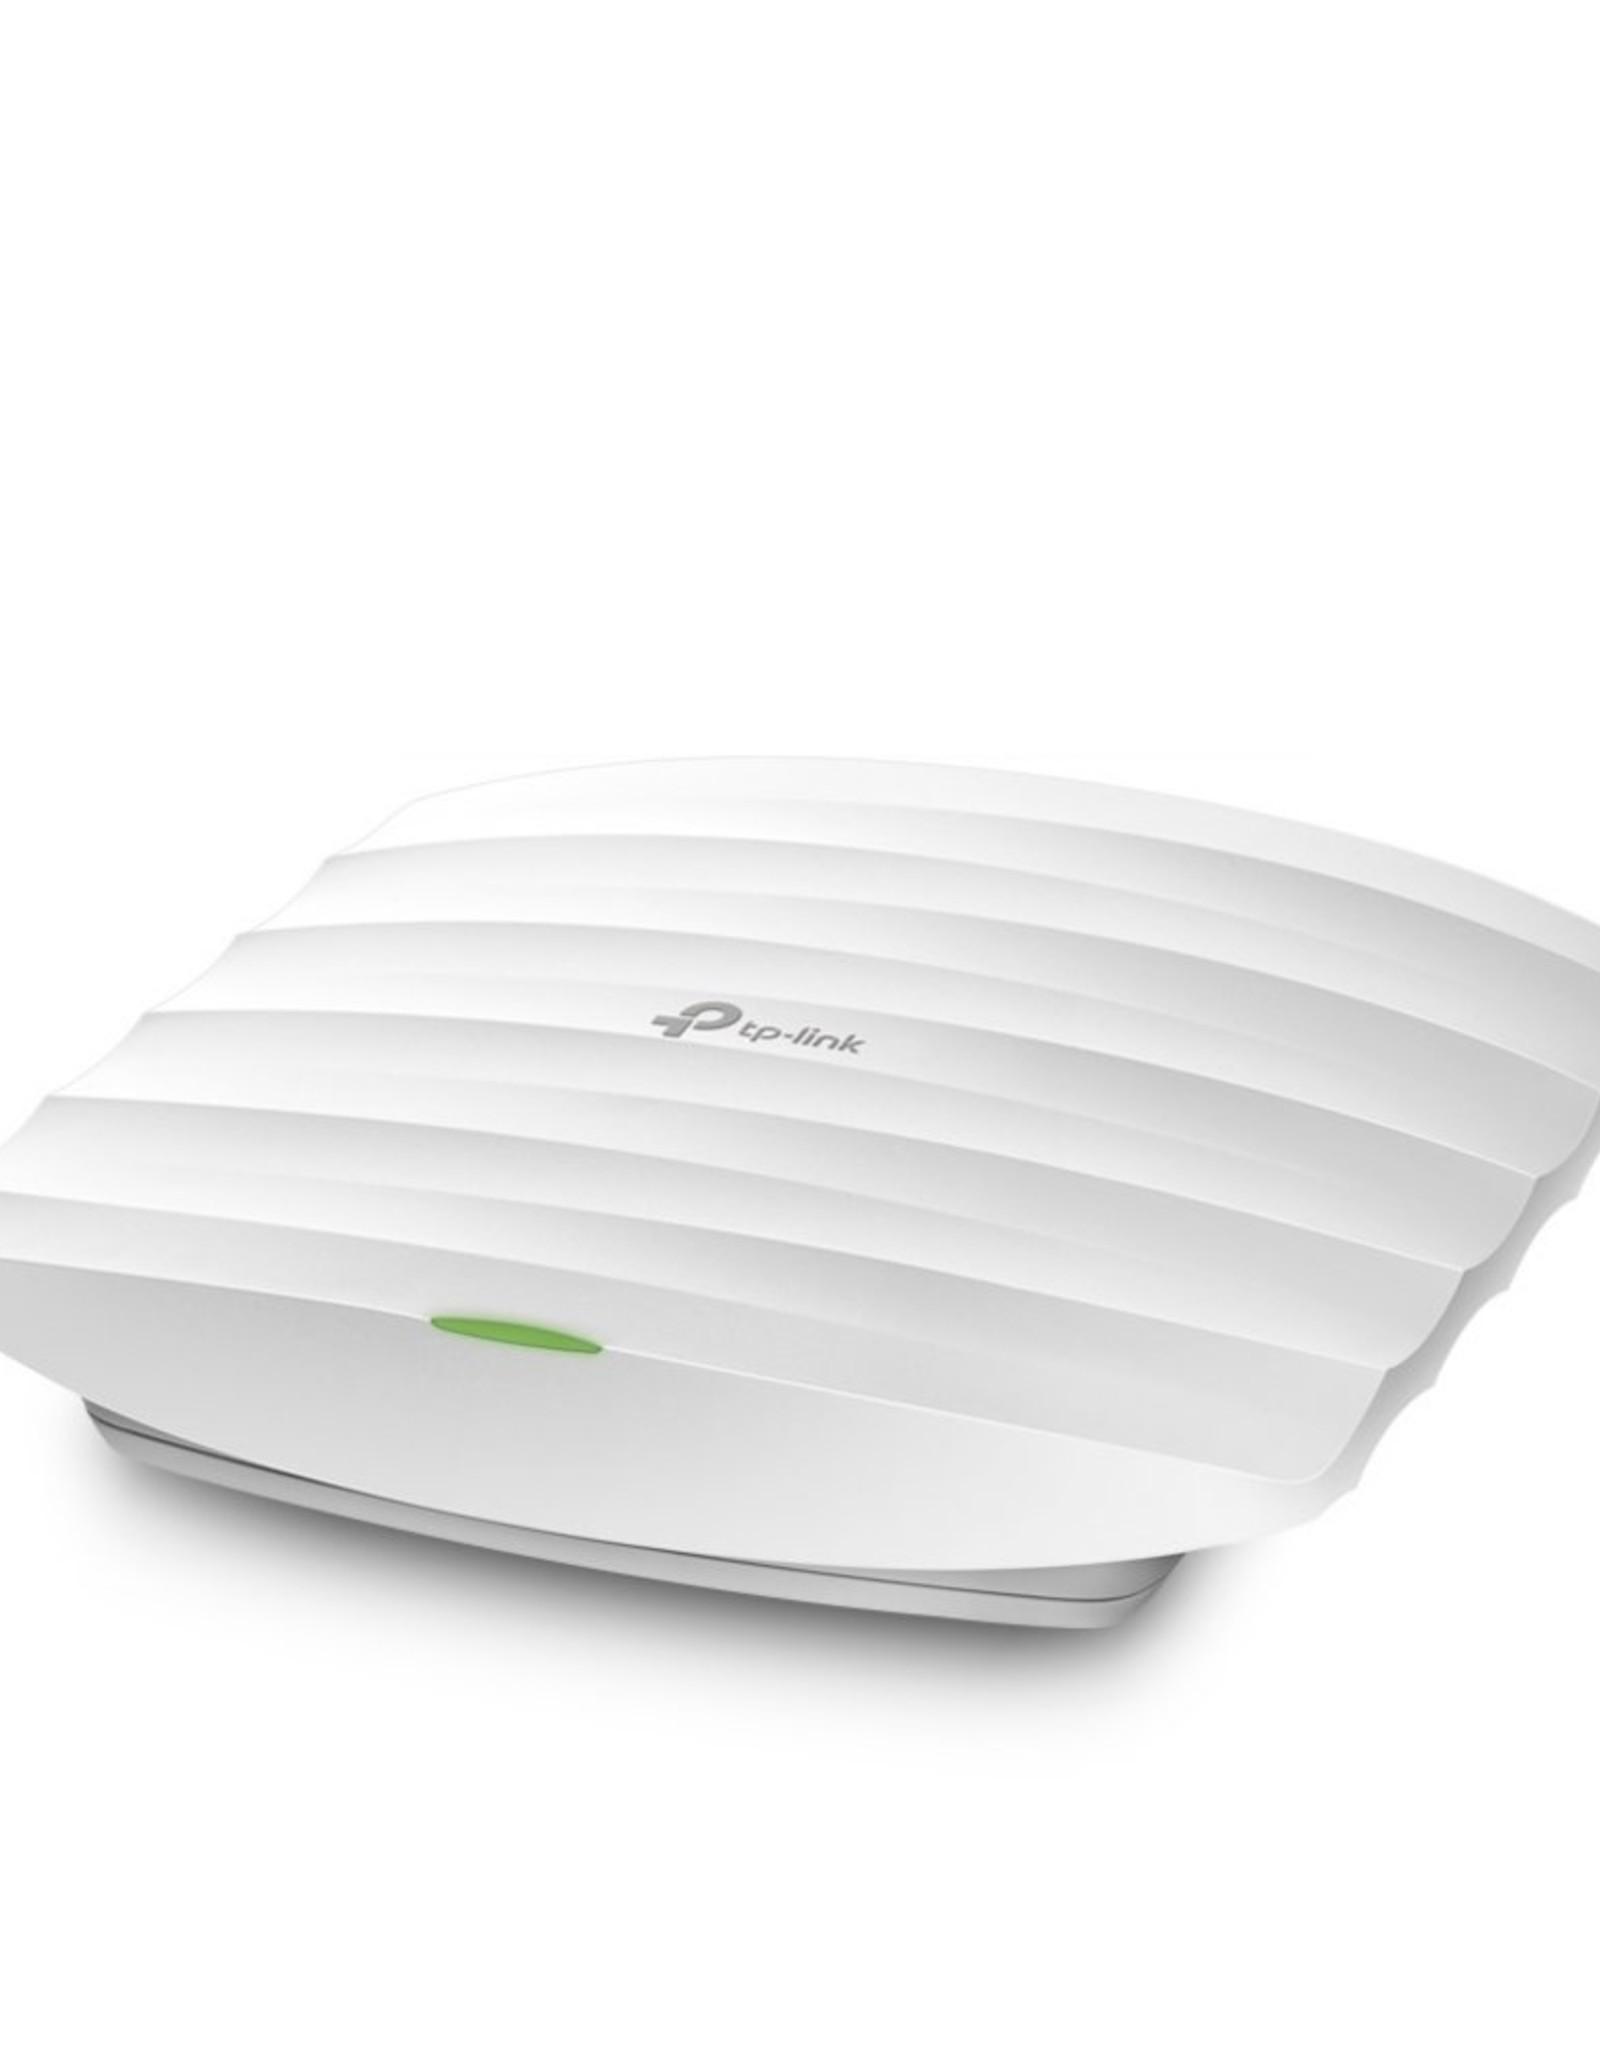 TP-LINK EAP265 HD draadloos toegangspunt (WAP) 1750 Mbit/s P